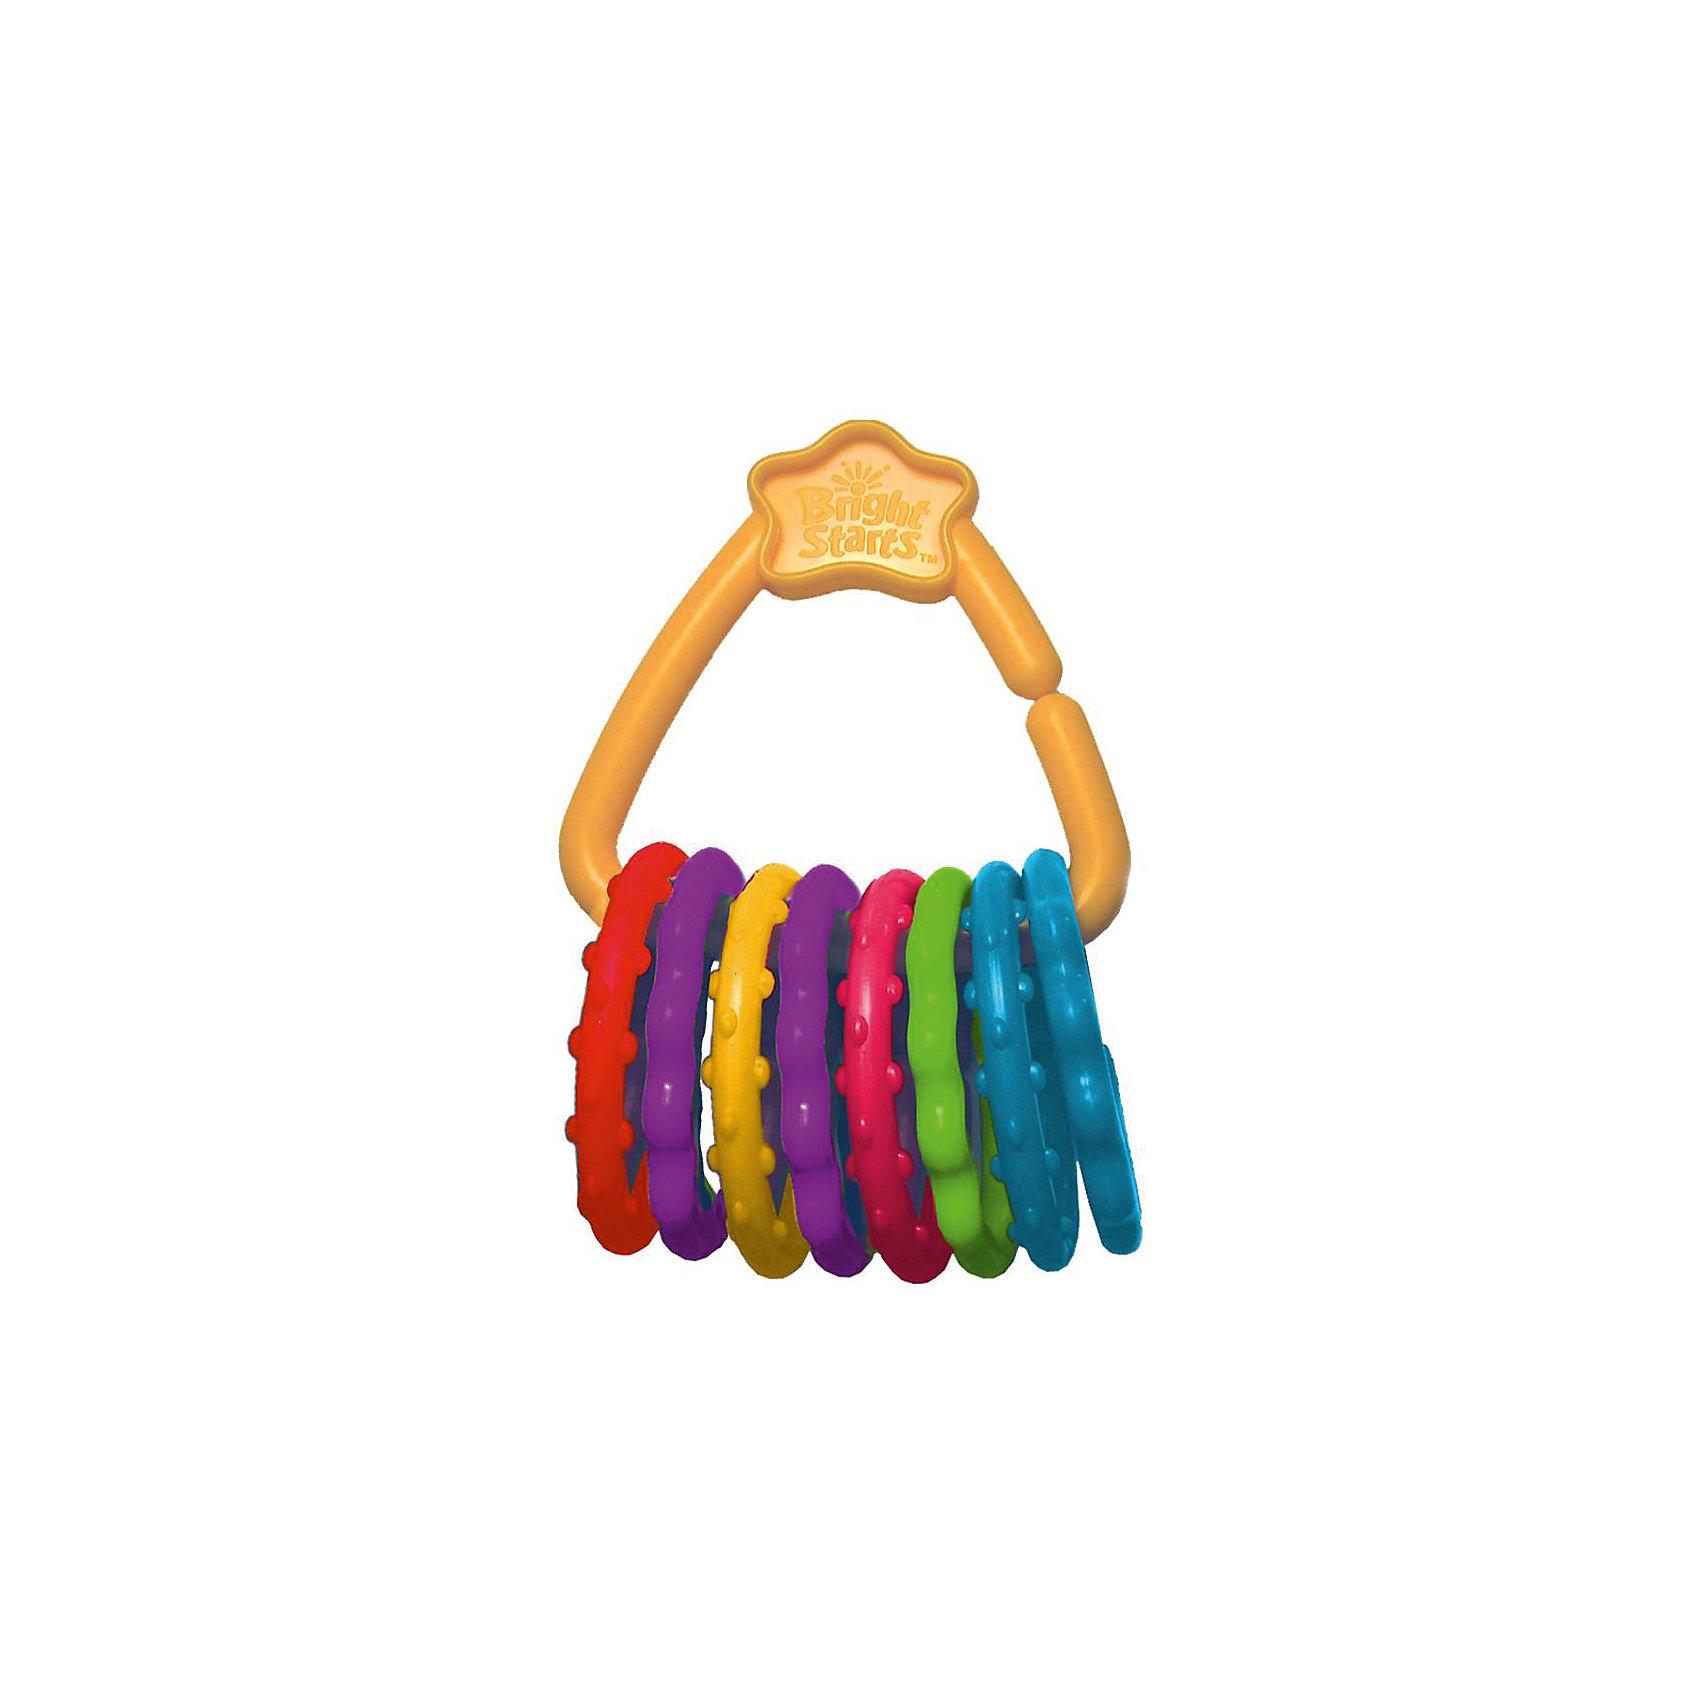 Развивающая игрушка «Веселые колечки», Bright StartsРазвивающая игрушка Веселые колечки, Bright Starts, непременно привлечет внимание Вашего малыша. Игрушка выполнена в виде связки ярких разноцветных колечек, нанизанных на удобный пластиковый держатель. Колечки идеально подходят в качестве прорезывателя: благодаря мягкому материалу они не травмируют десна малыша при жевании, а ребристая поверхность оказывает массажное действие. Игрушку можно прикреплять к коляске, развивающему коврику или переноске. Она изготовлена из высококачественных экологически чистых и гипоаллергенных материалов. Развивает мелкую моторику, тактильные ощущения и цветовосприятие. <br><br>Дополнительная информация:<br><br>- В комплекте: 8 колечек, 1 держатель.<br>- Материал: мягкий полимер, пластик.<br>- Размер упаковки: 15 х 9 х 12,5 см.<br><br>Развивающую игрушку Веселые колечки, Bright Starts, можно купить в нашем интернет-магазине.<br><br>Ширина мм: 119<br>Глубина мм: 193<br>Высота мм: 53<br>Вес г: 128<br>Возраст от месяцев: 0<br>Возраст до месяцев: 36<br>Пол: Унисекс<br>Возраст: Детский<br>SKU: 4637839